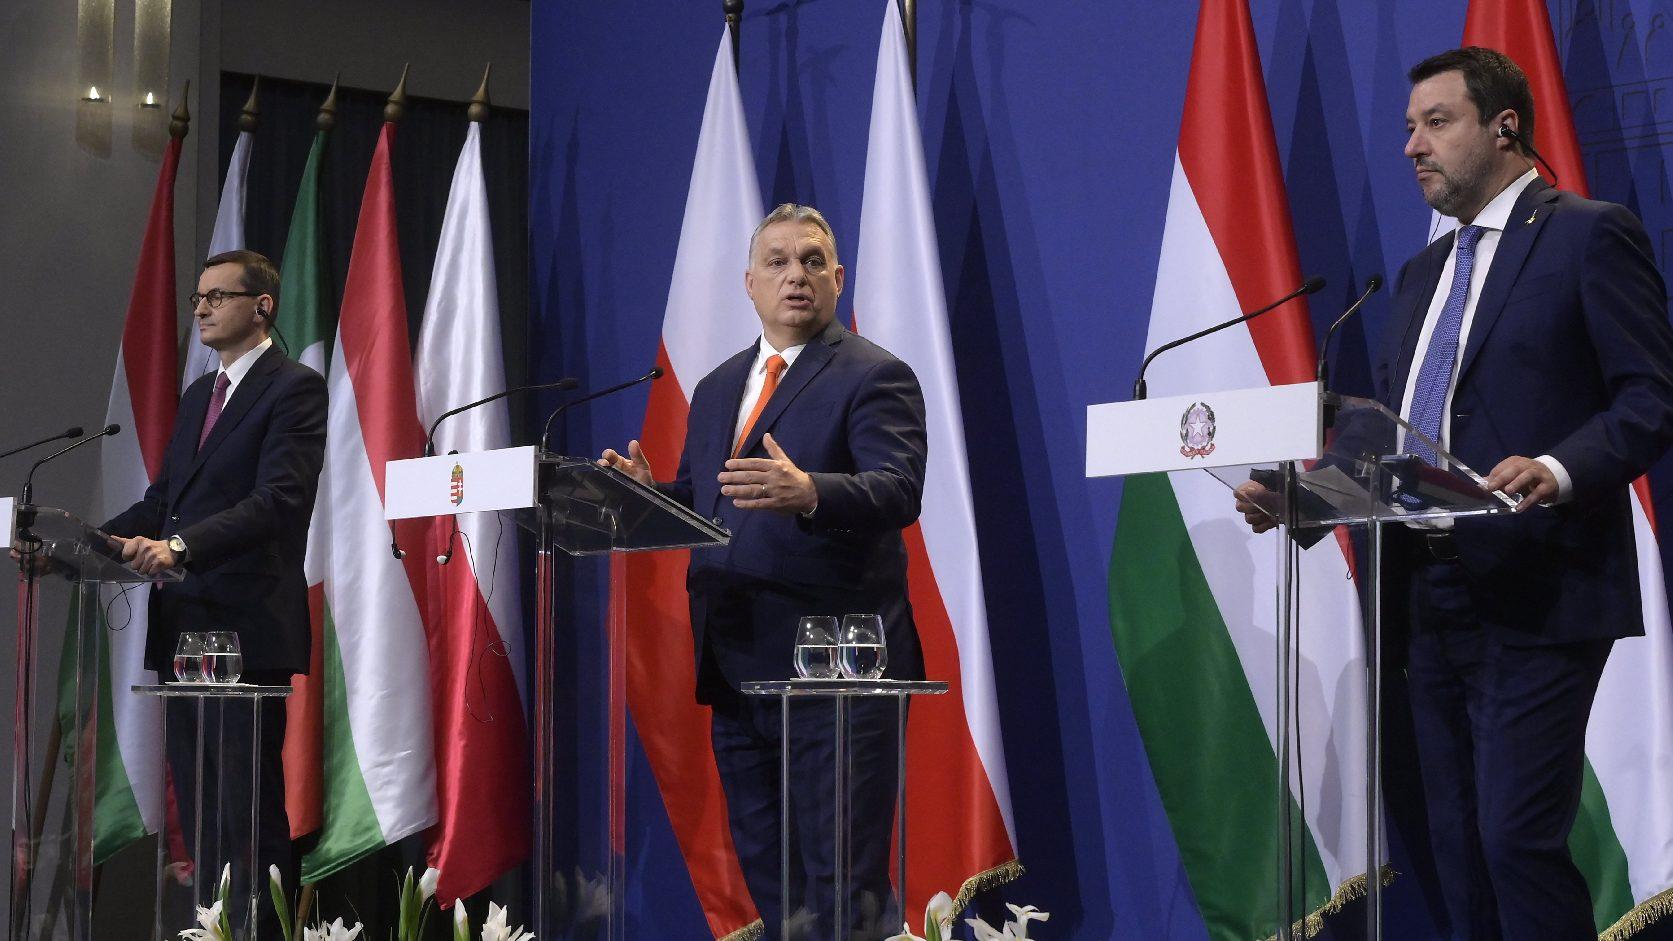 Szakértő: Szükség van egy nemzeti-keresztény értékeket képviselő európai erőre